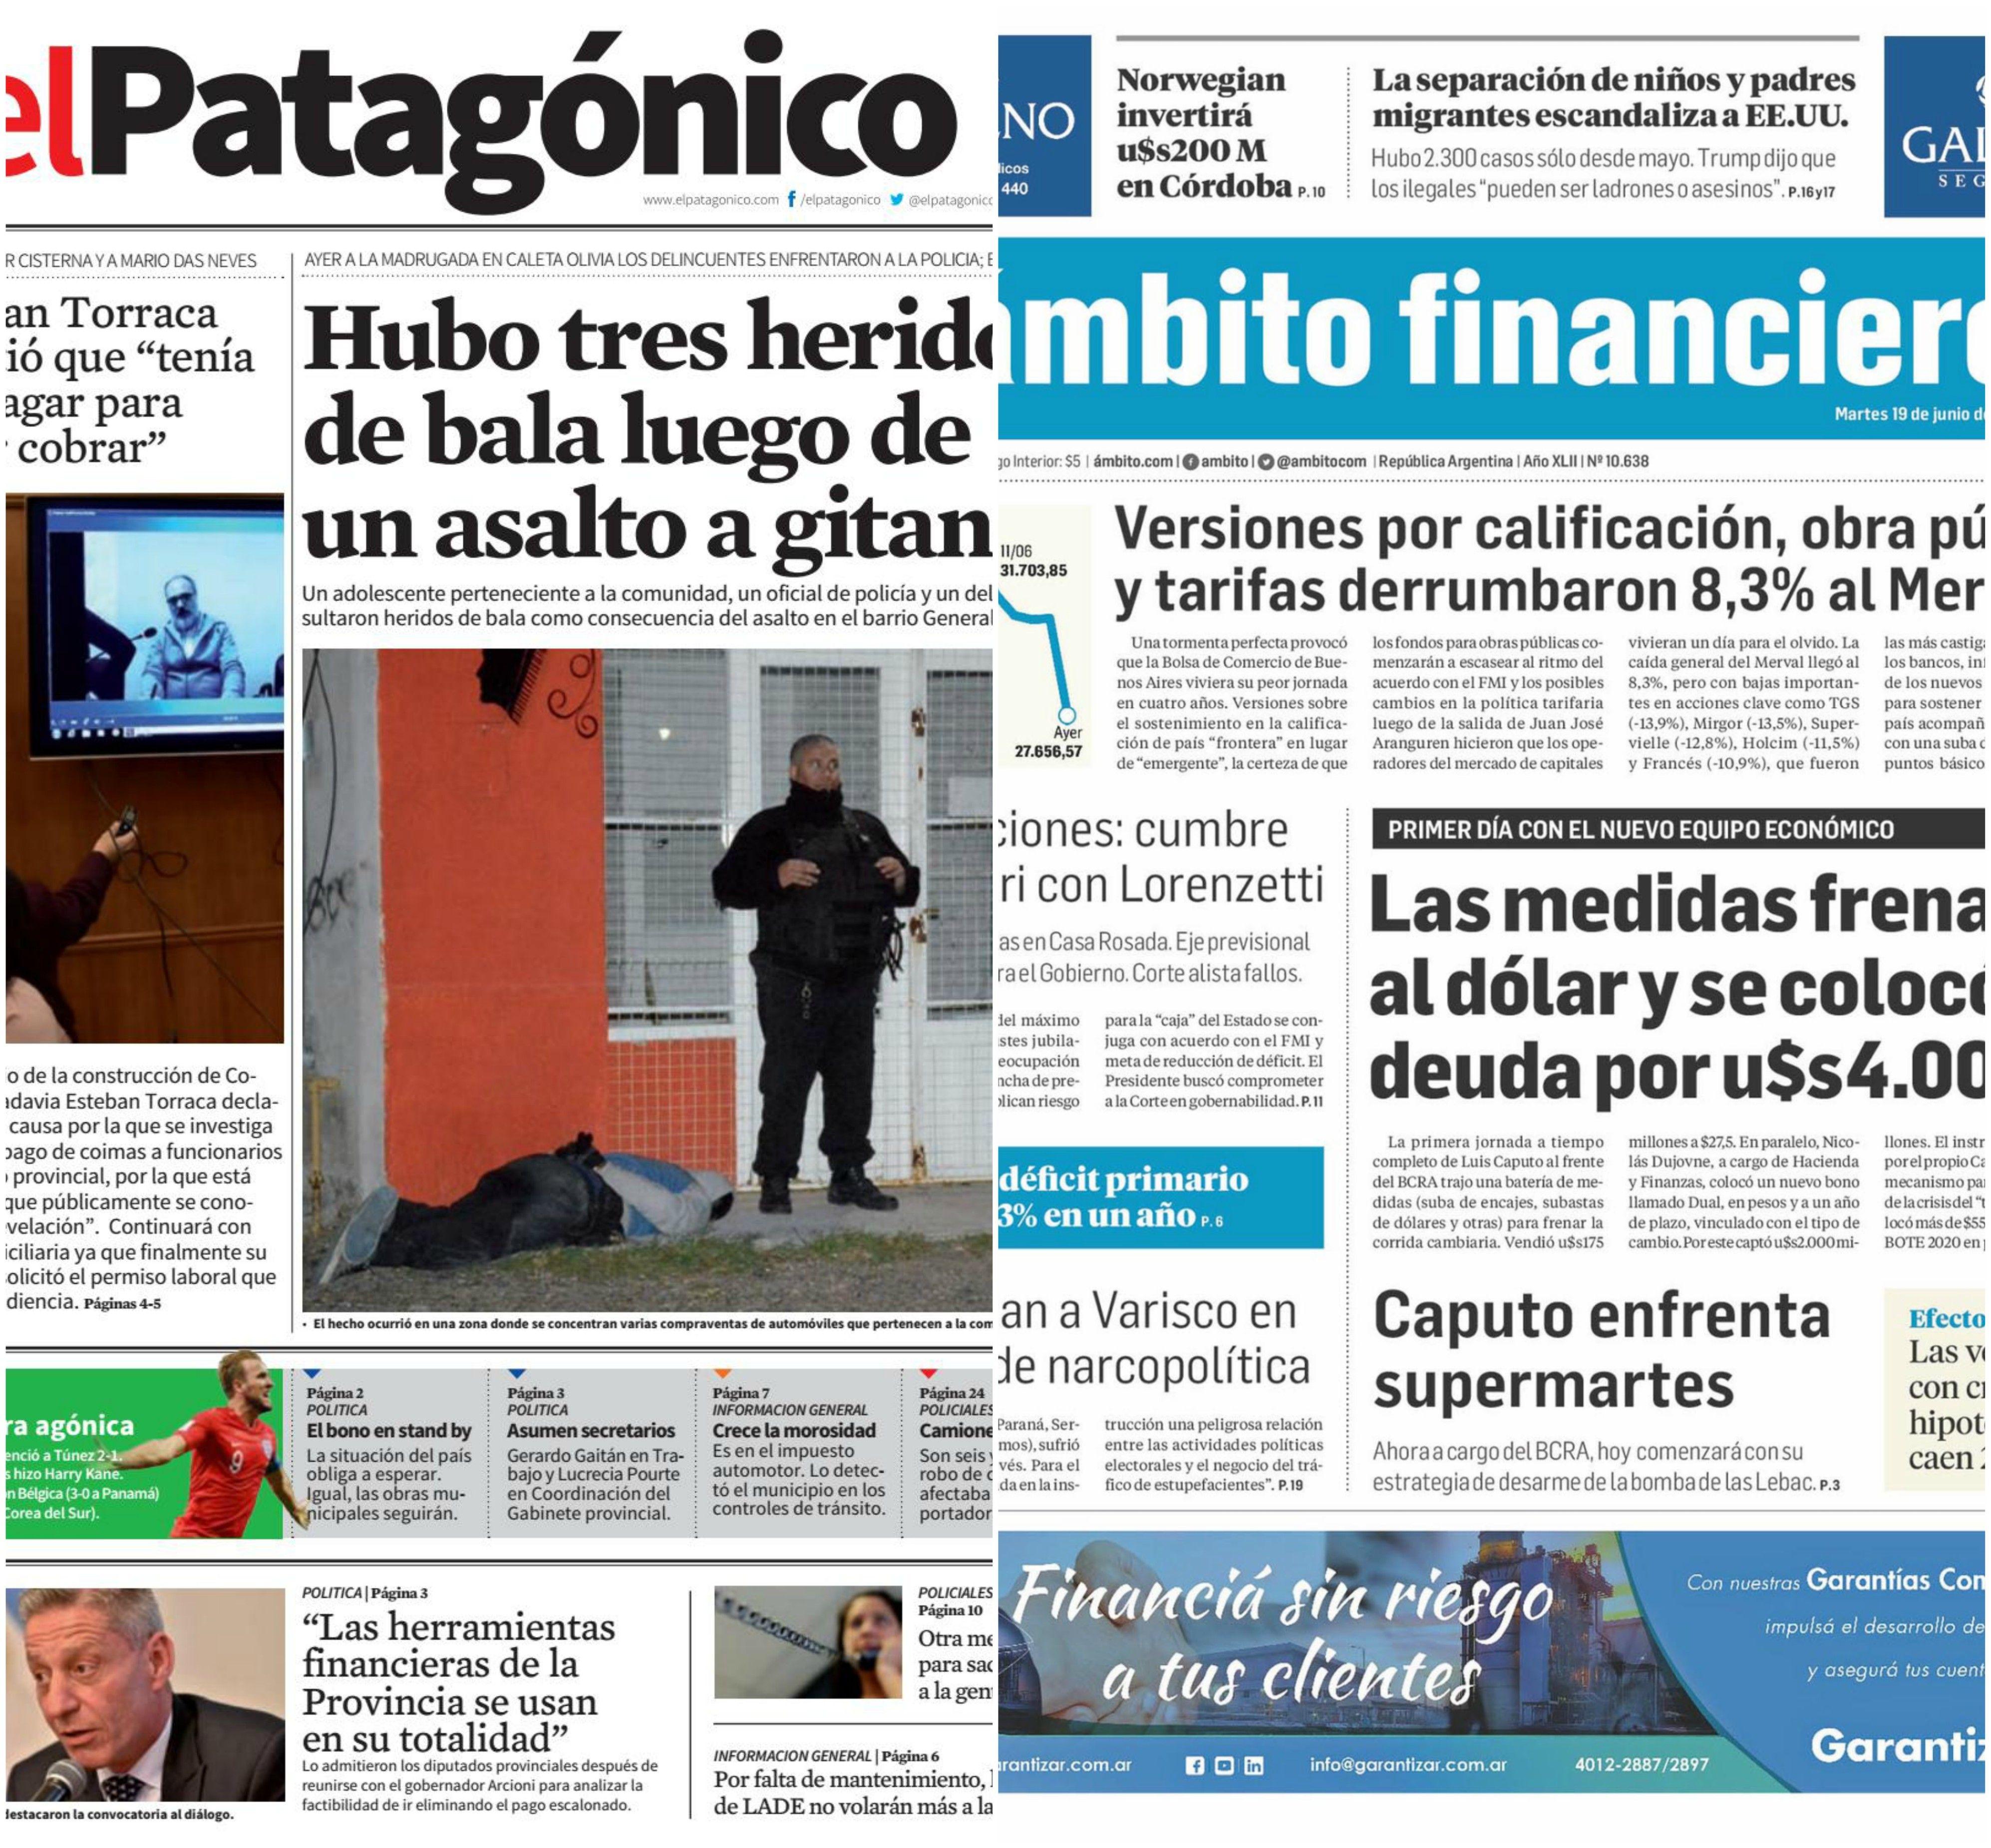 Tapas de diarios del martes 19 de junio de 2018